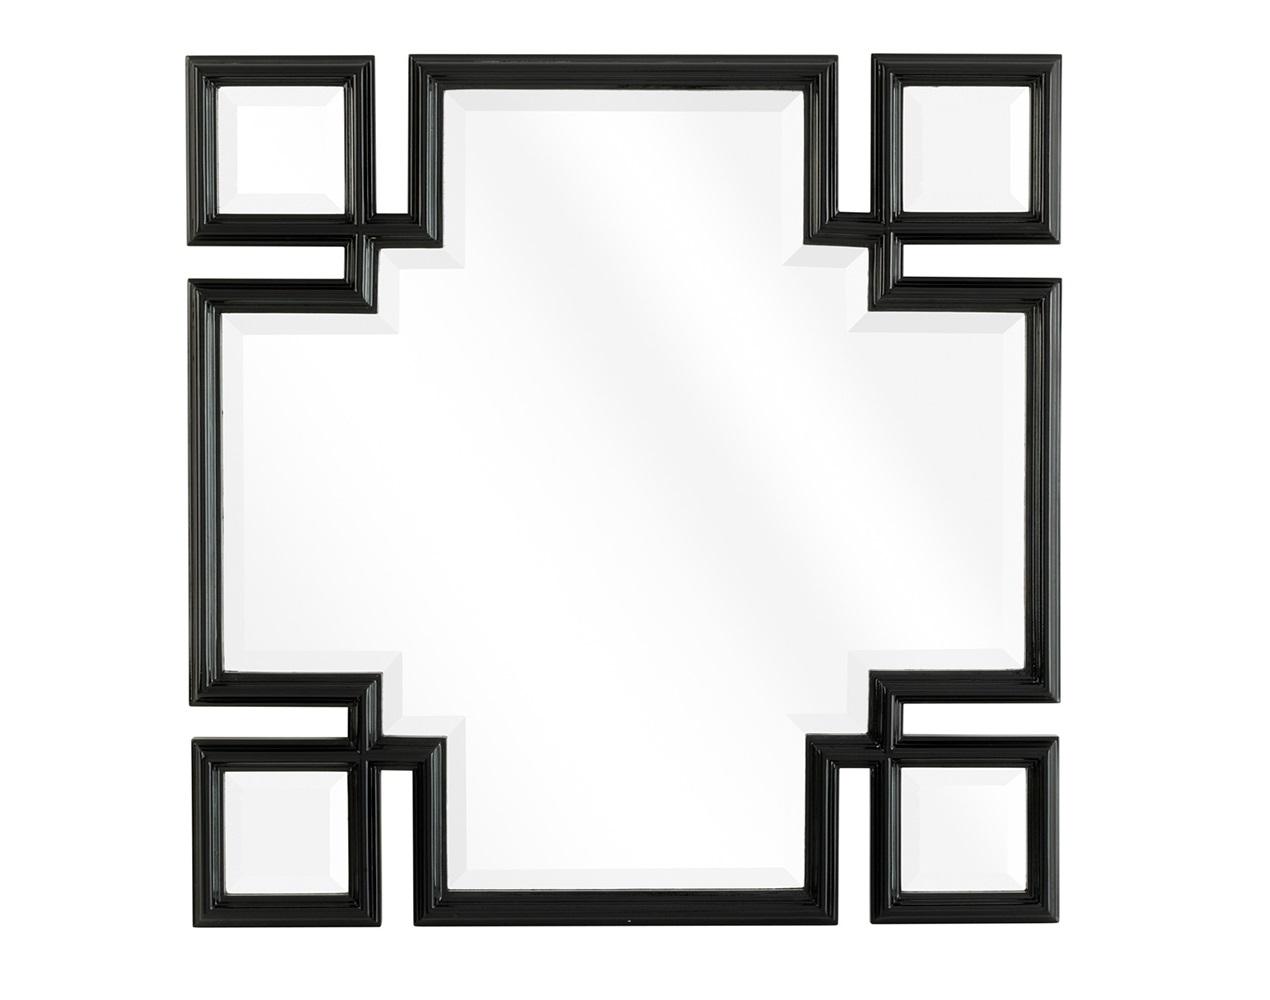 ЗеркалоНастенные зеркала<br>Зеркало Mirror Valencia в раме черного с белым цвета с оригинальным дизайном.<br><br>Material: Дерево<br>Width см: 70<br>Height см: 70